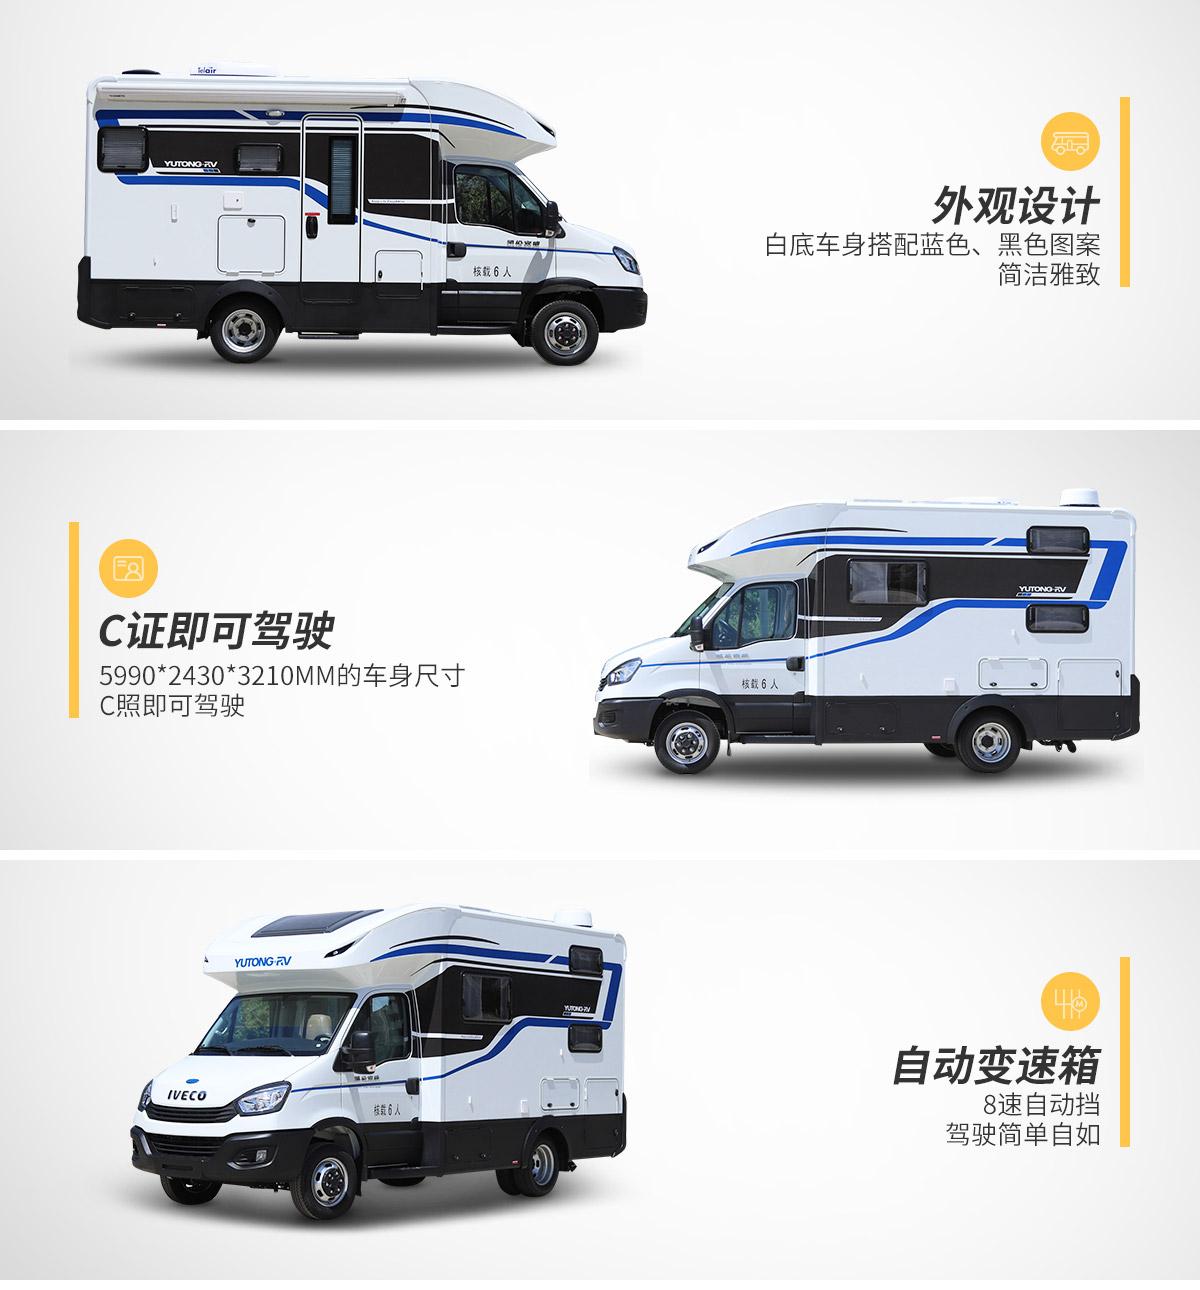 宇通C533小顶房车